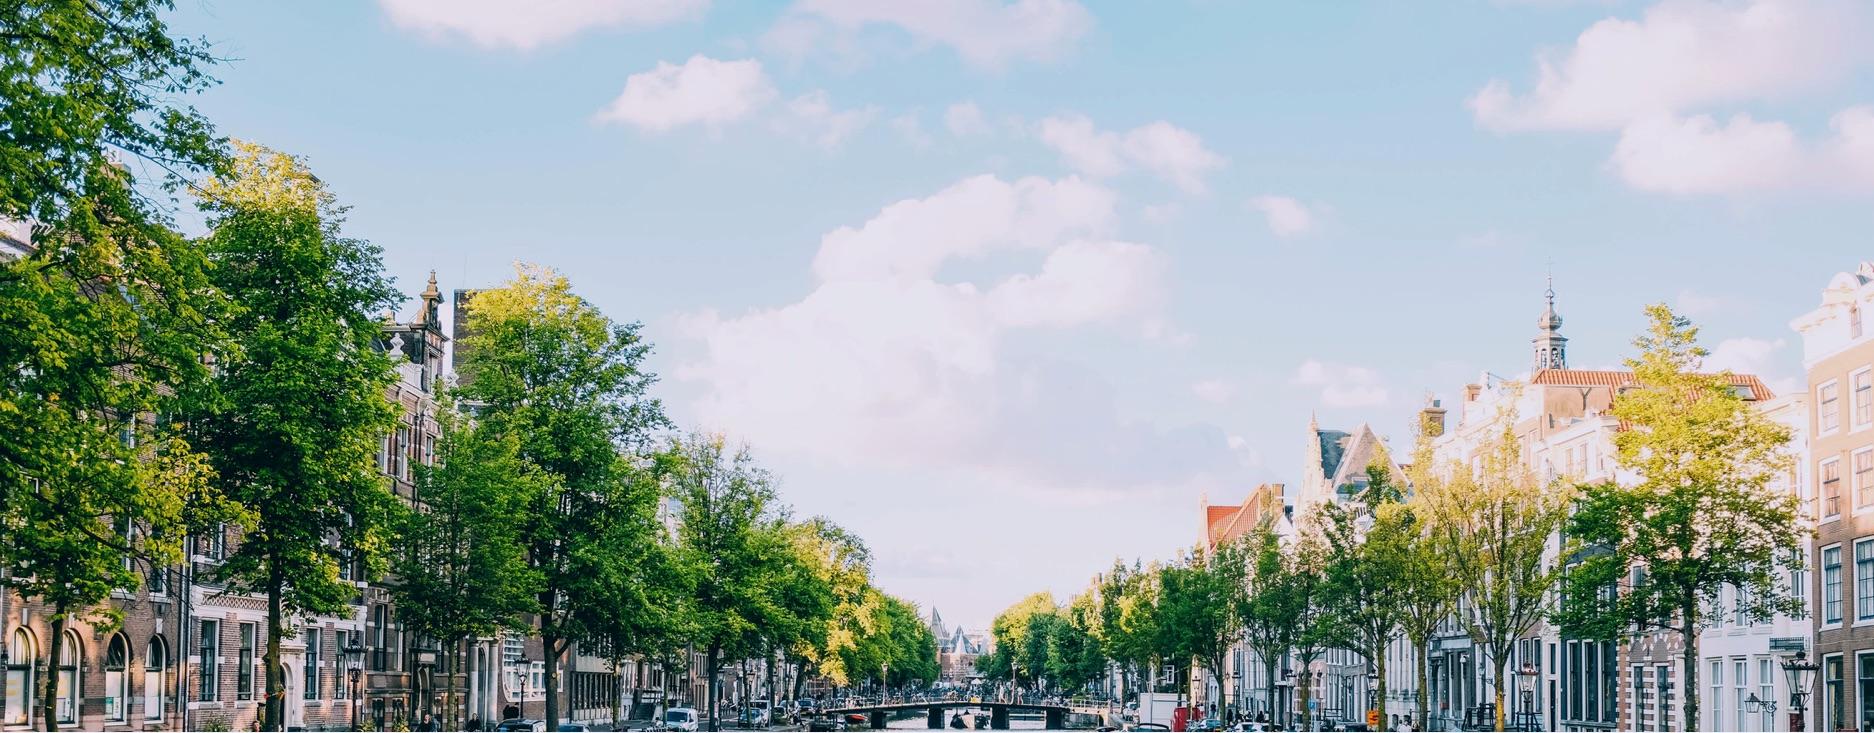 (c) Weer.nl